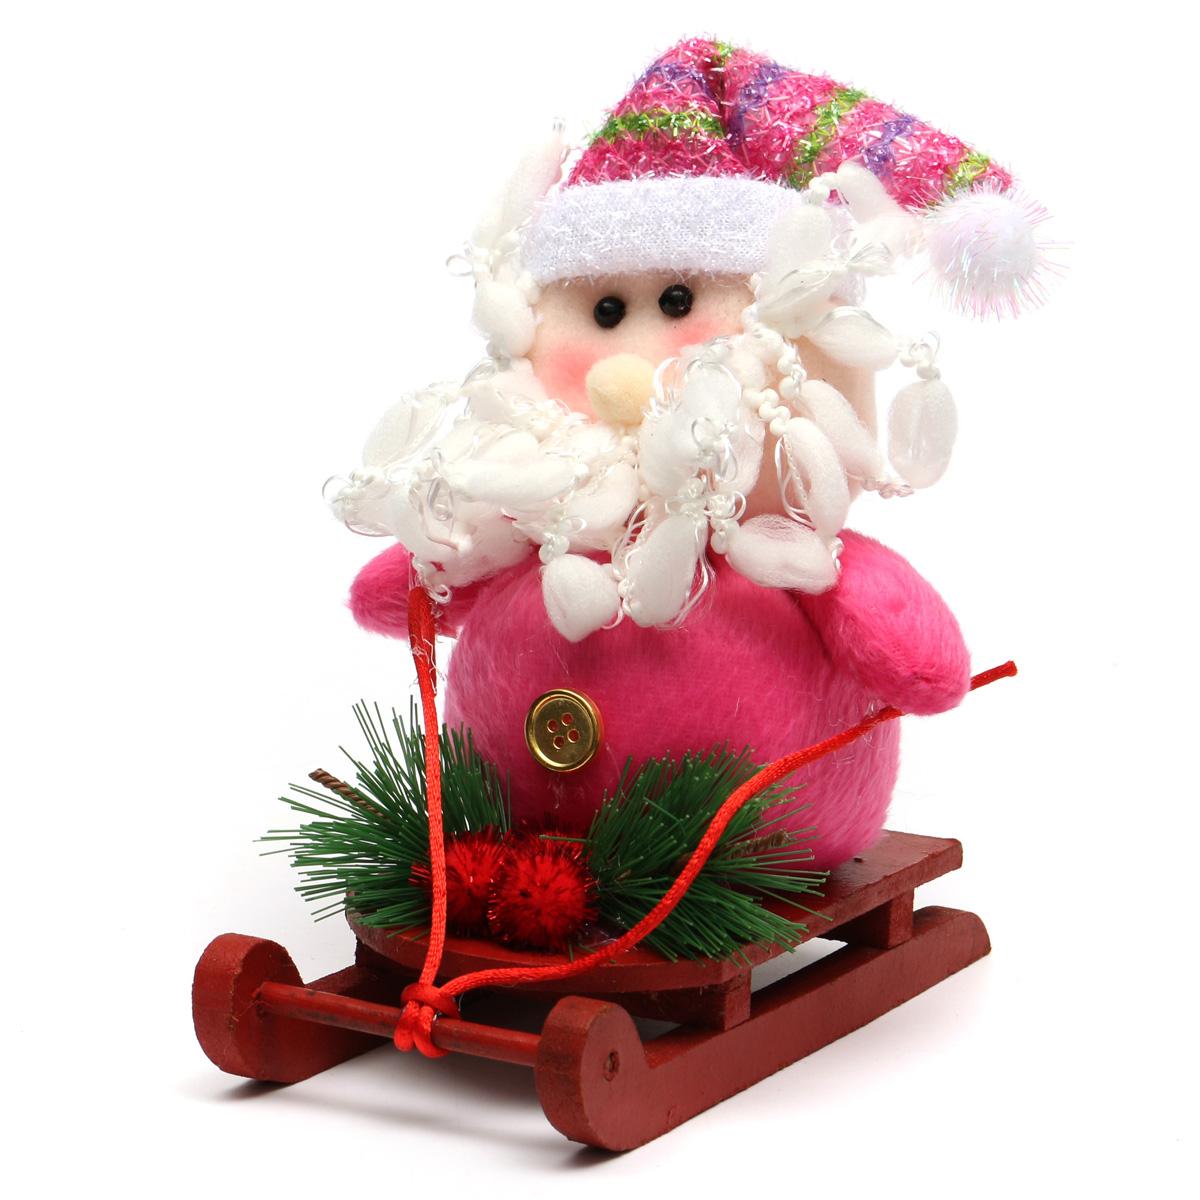 #AB205E Père Noël Santa Suspendu Pr Arbre Sapin De Noël Ornement  5319 decorations de noel a vendre 1200x1200 px @ aertt.com